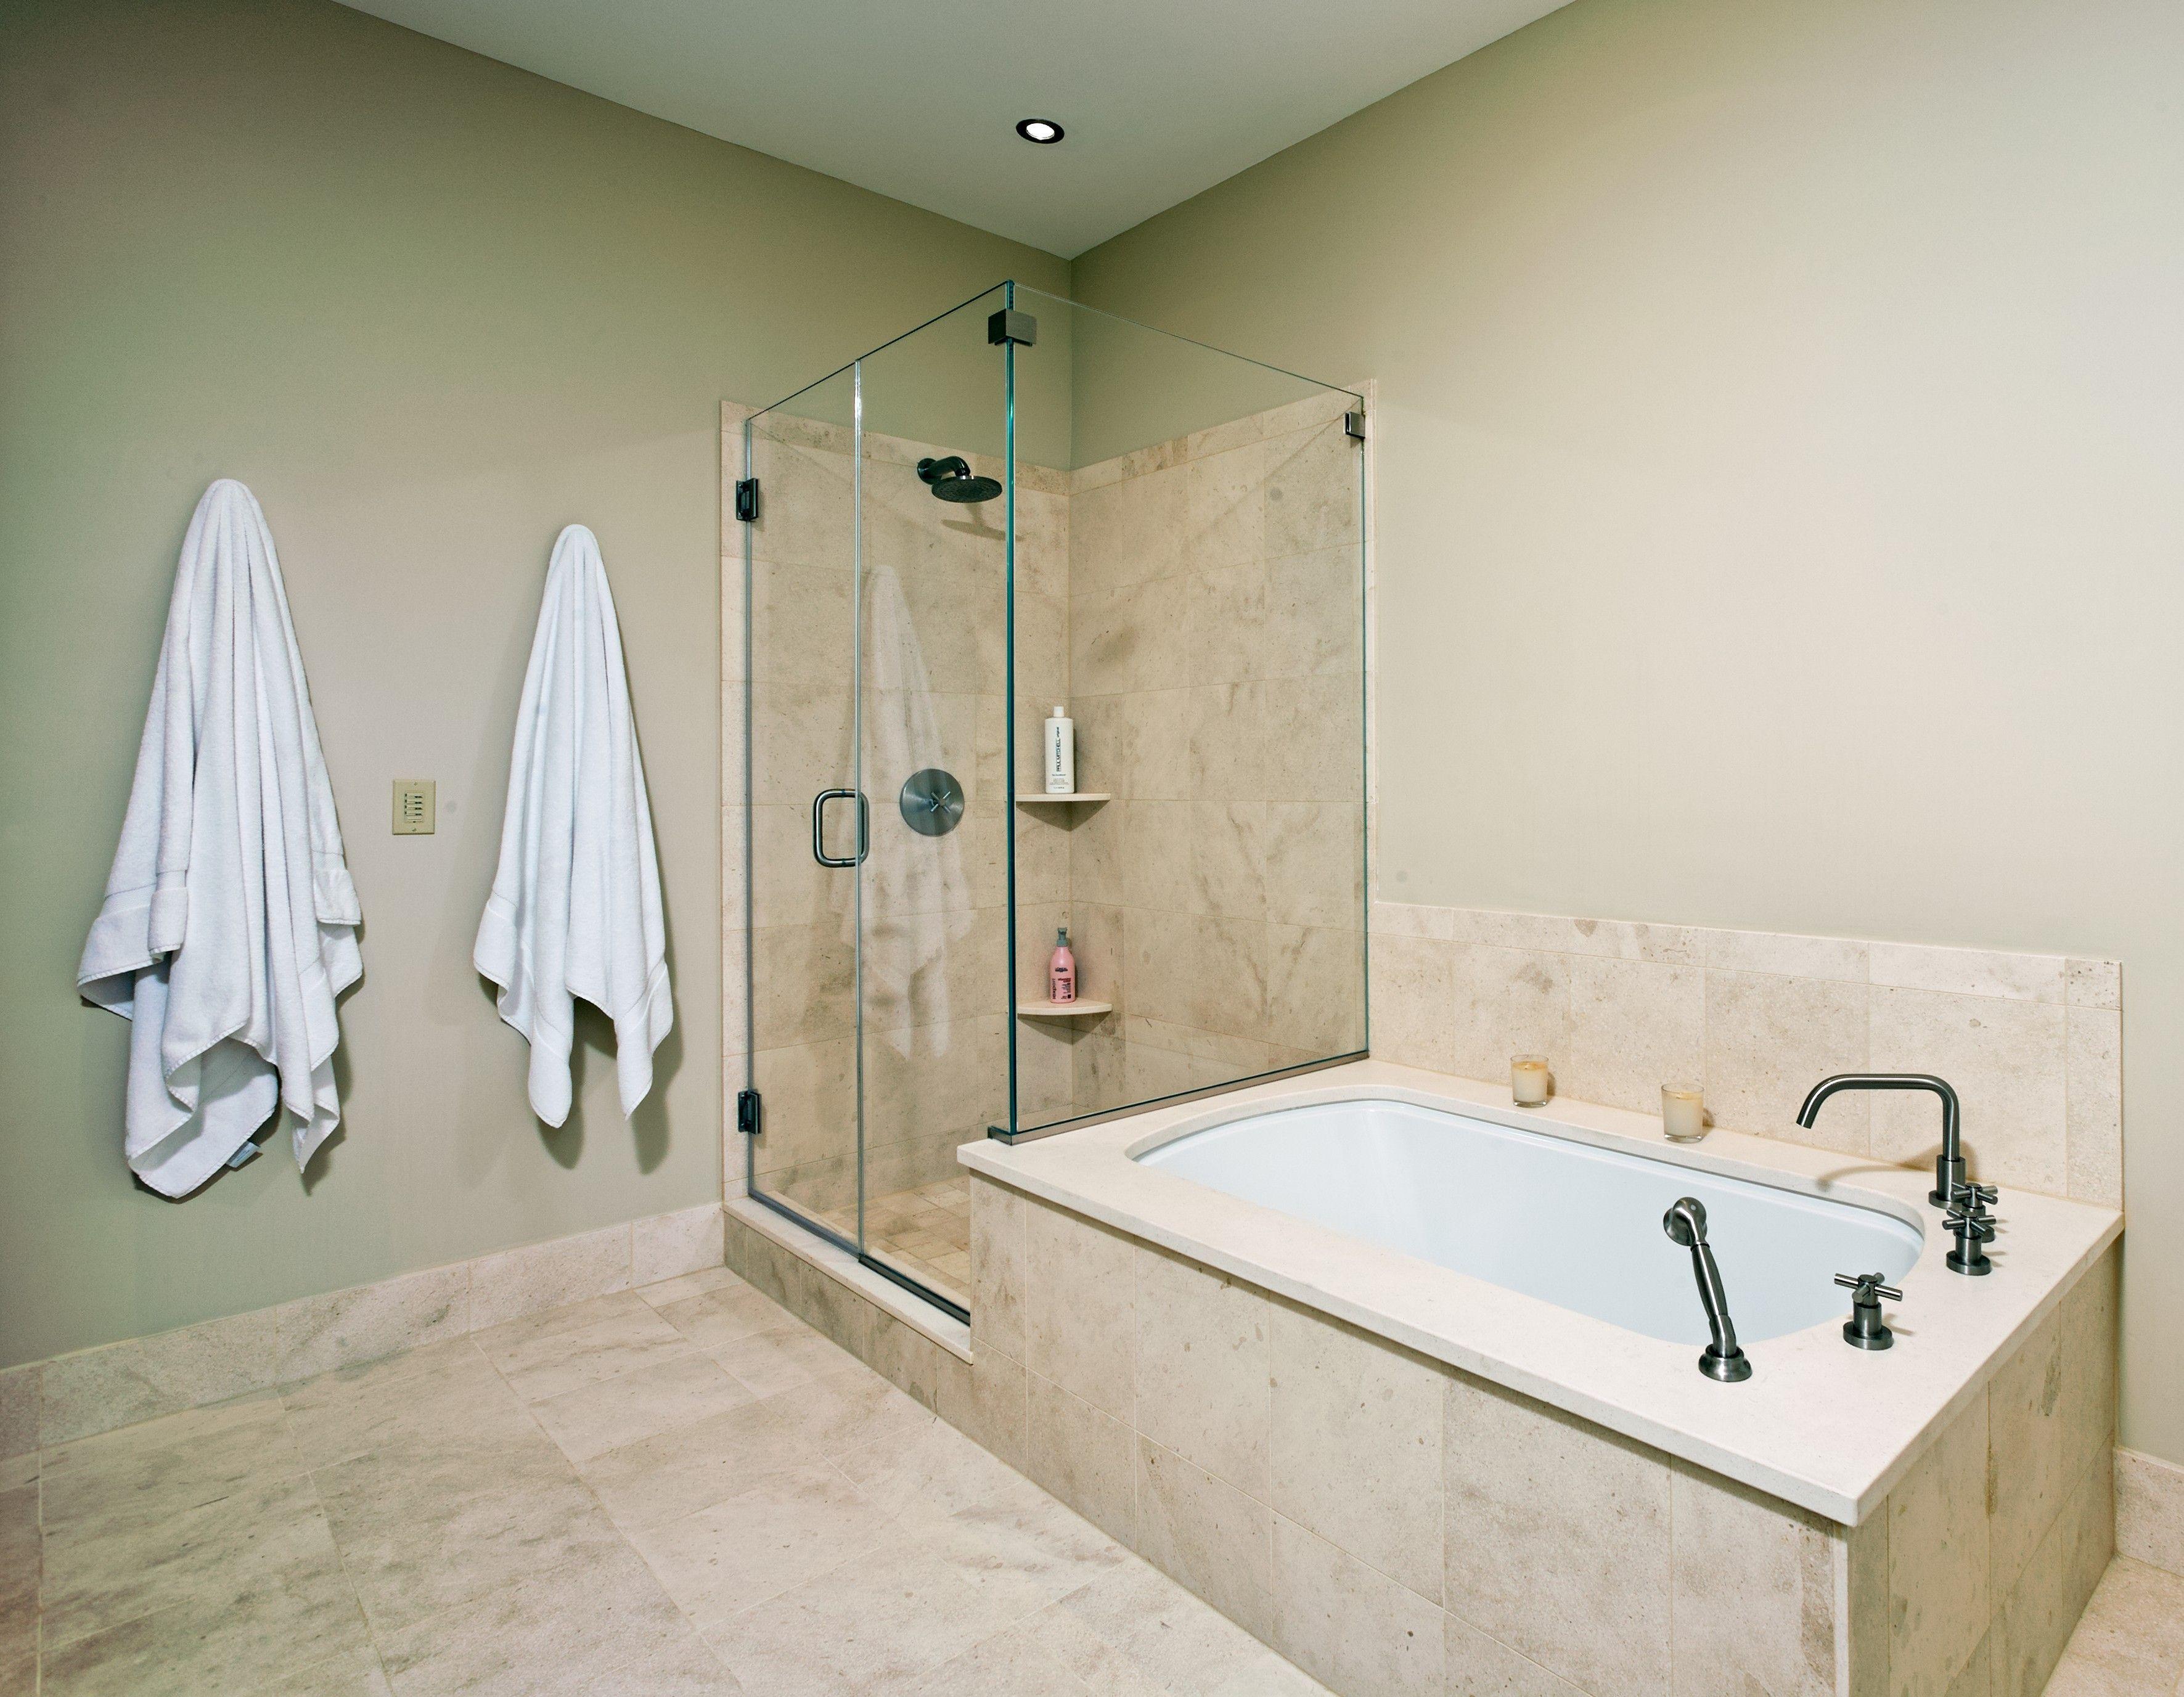 Make A Bathroom Remodel Feel Larger Bethesda MD Smith Thomas - Bathroom remodeling bethesda md